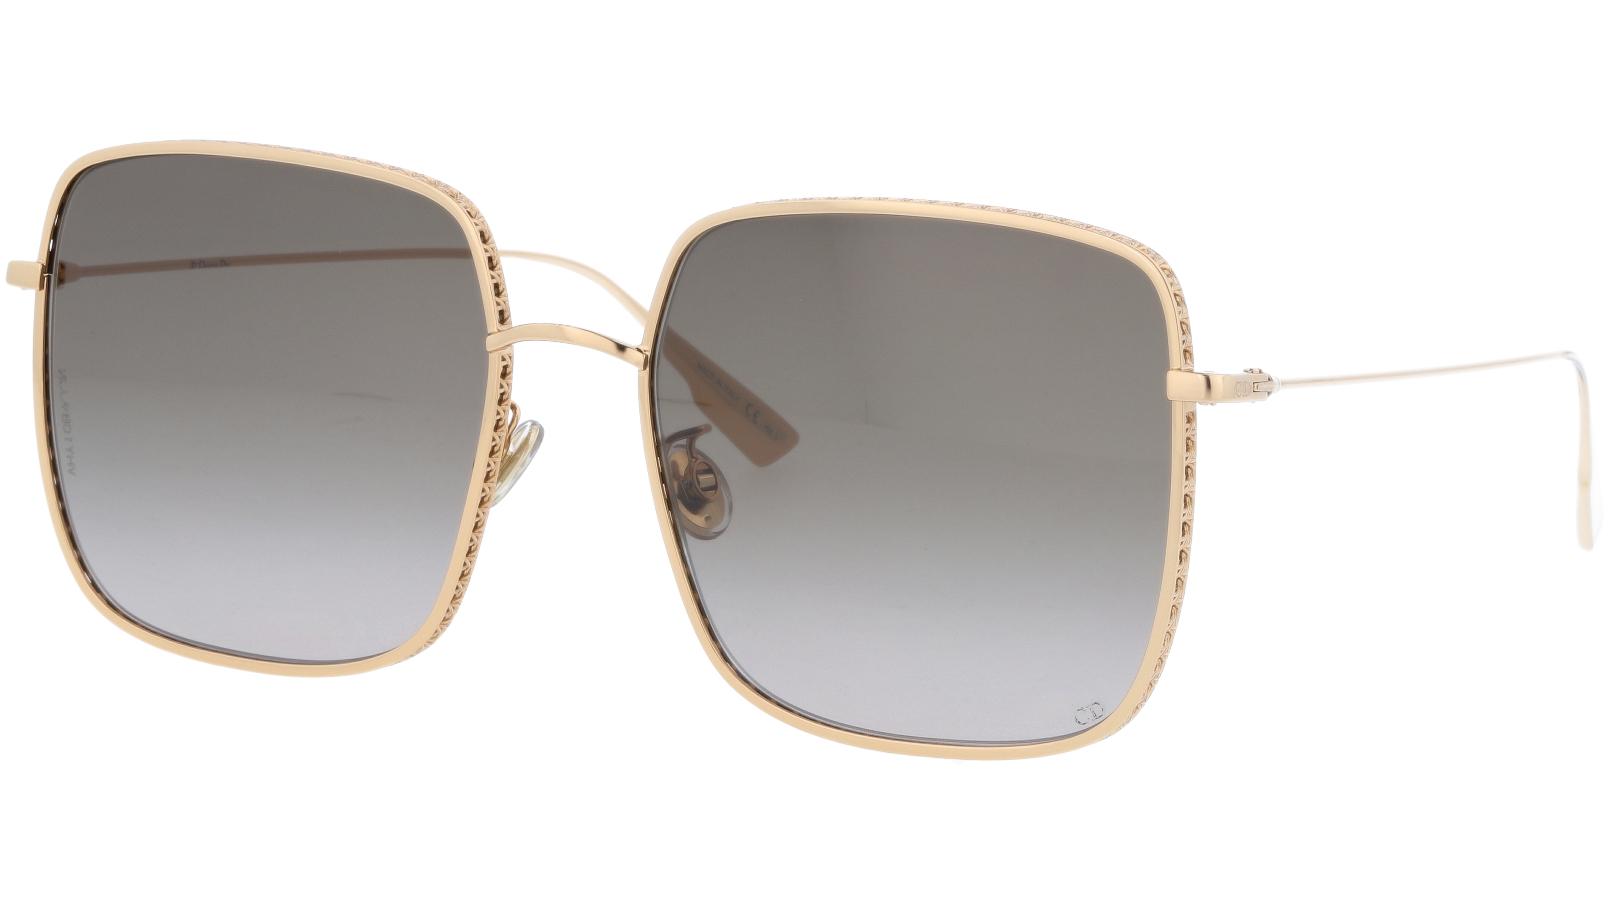 DIOR DIORBYDIOR3F DDBYB 59 GOLD Sunglasses